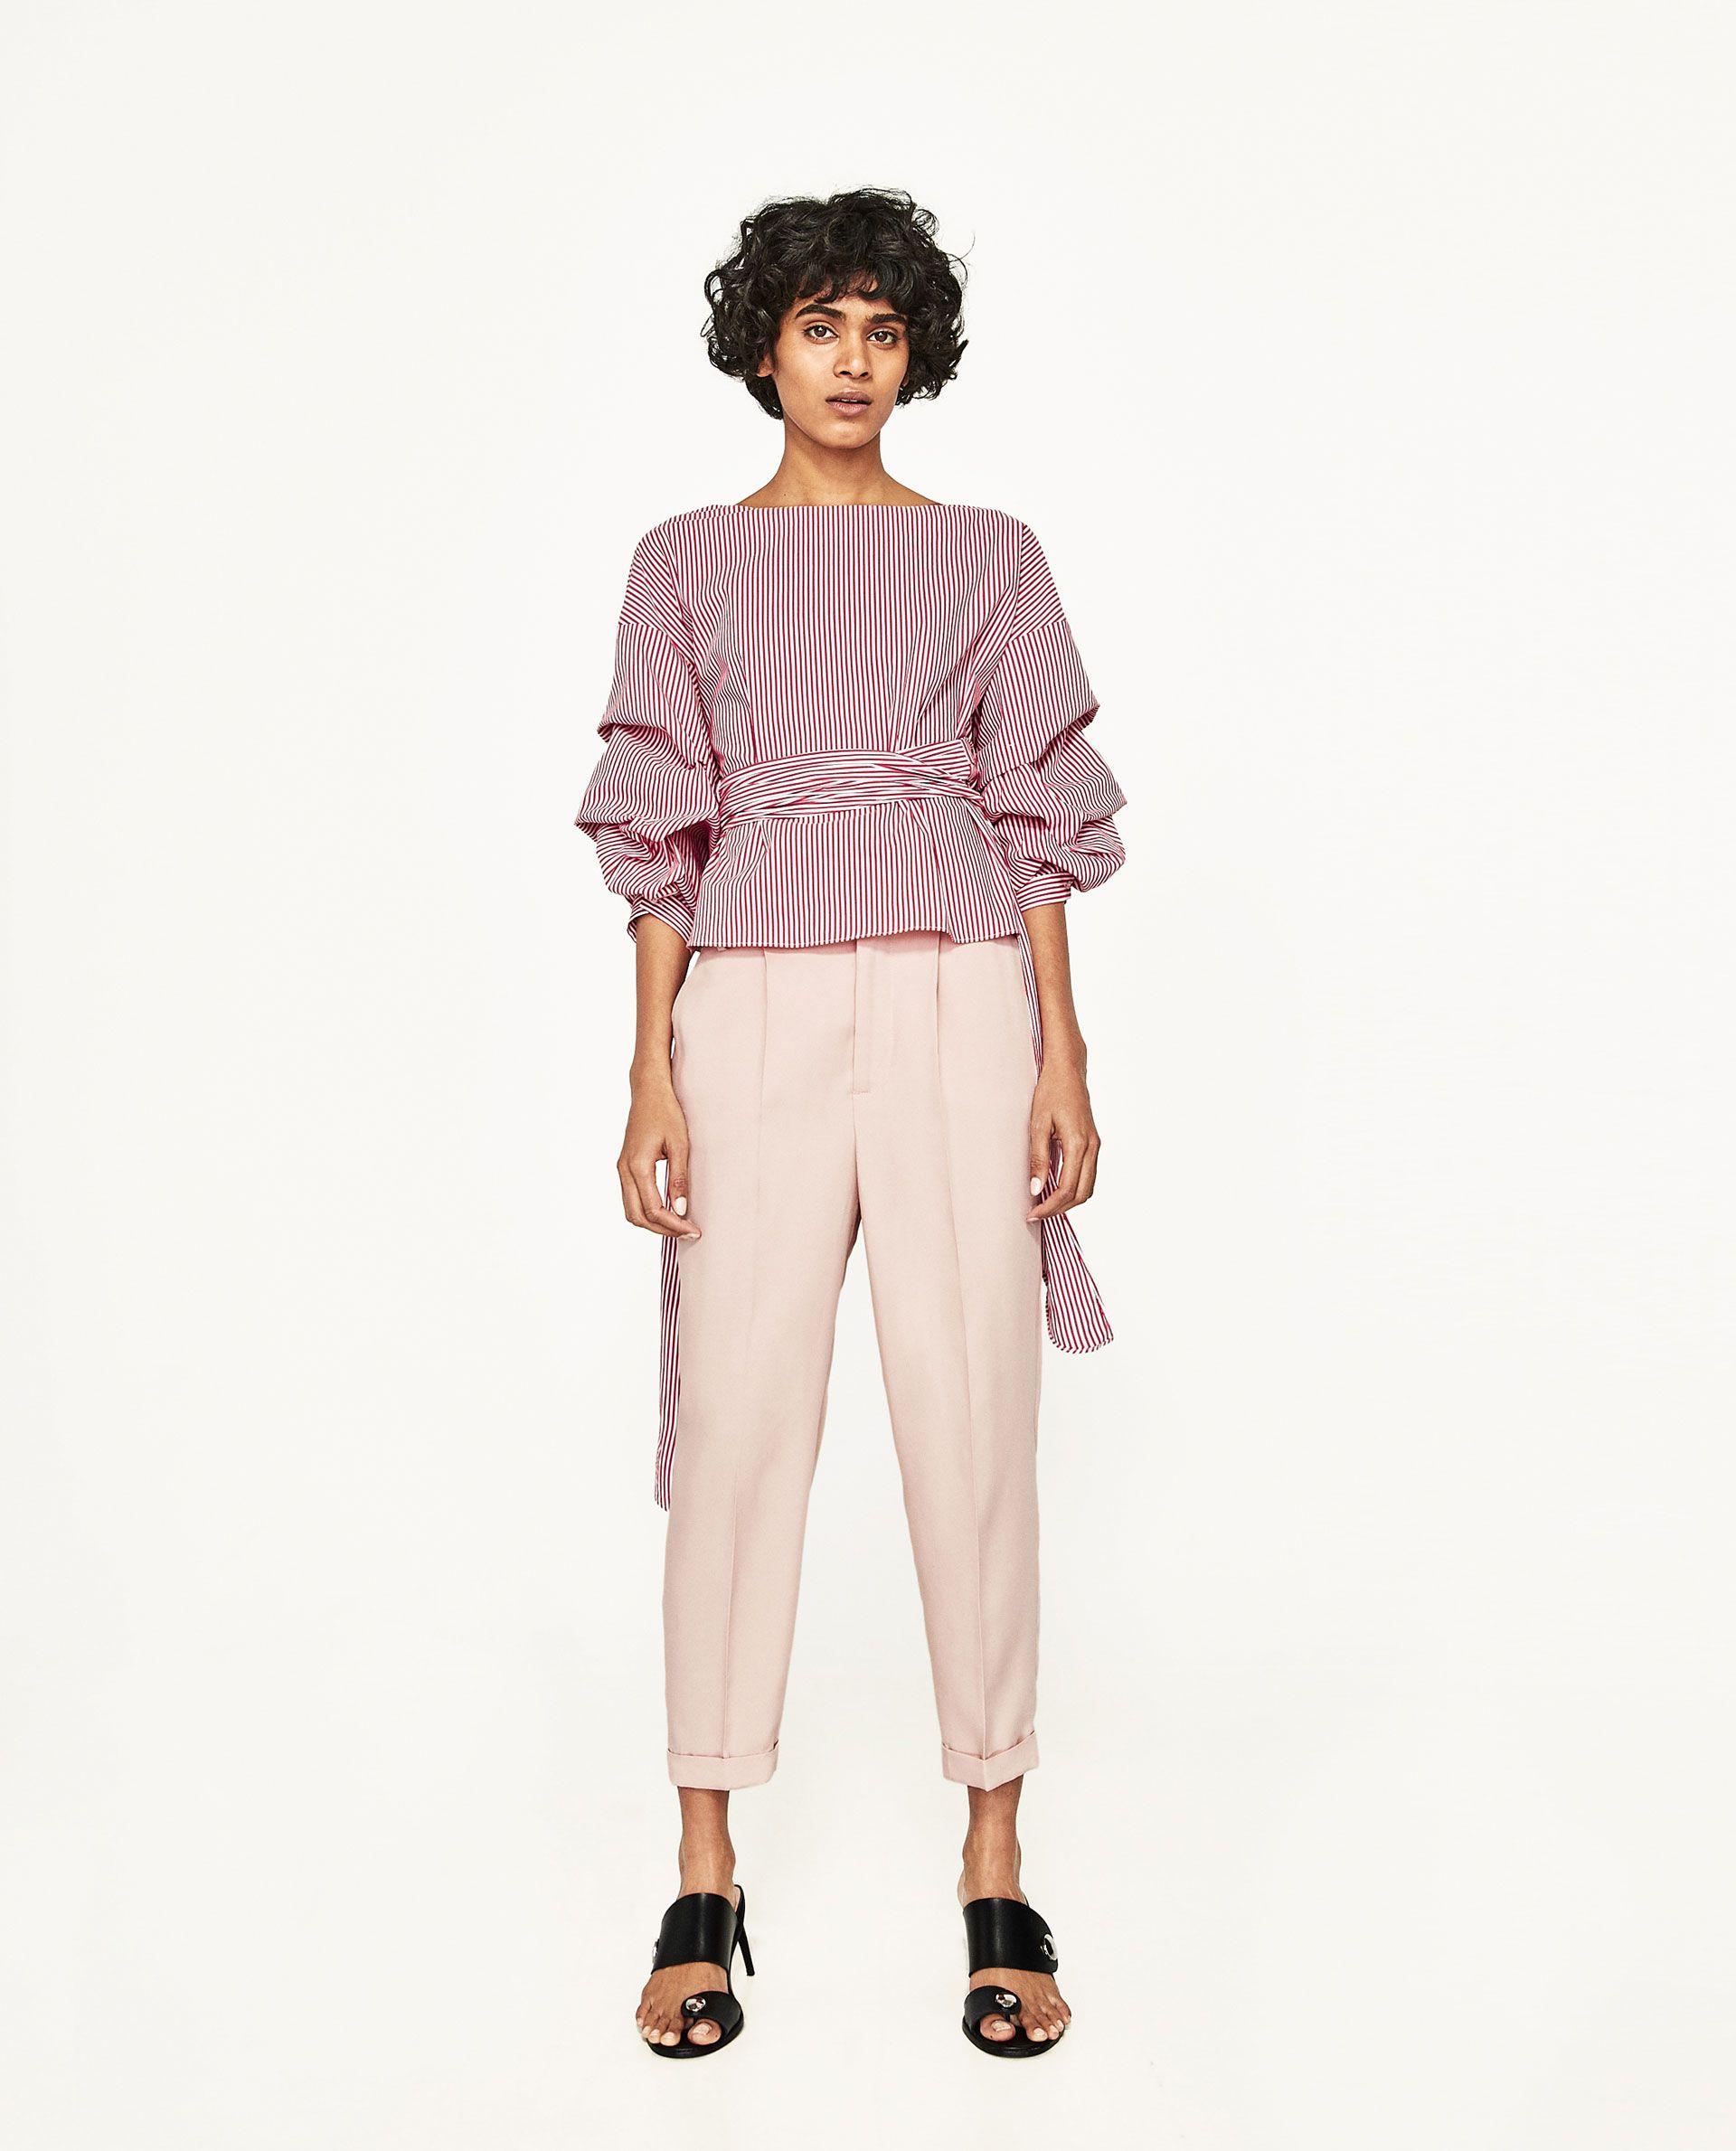 Bilde 1 fra ANKELLANG BUKSE MED STRIKK fra Zara